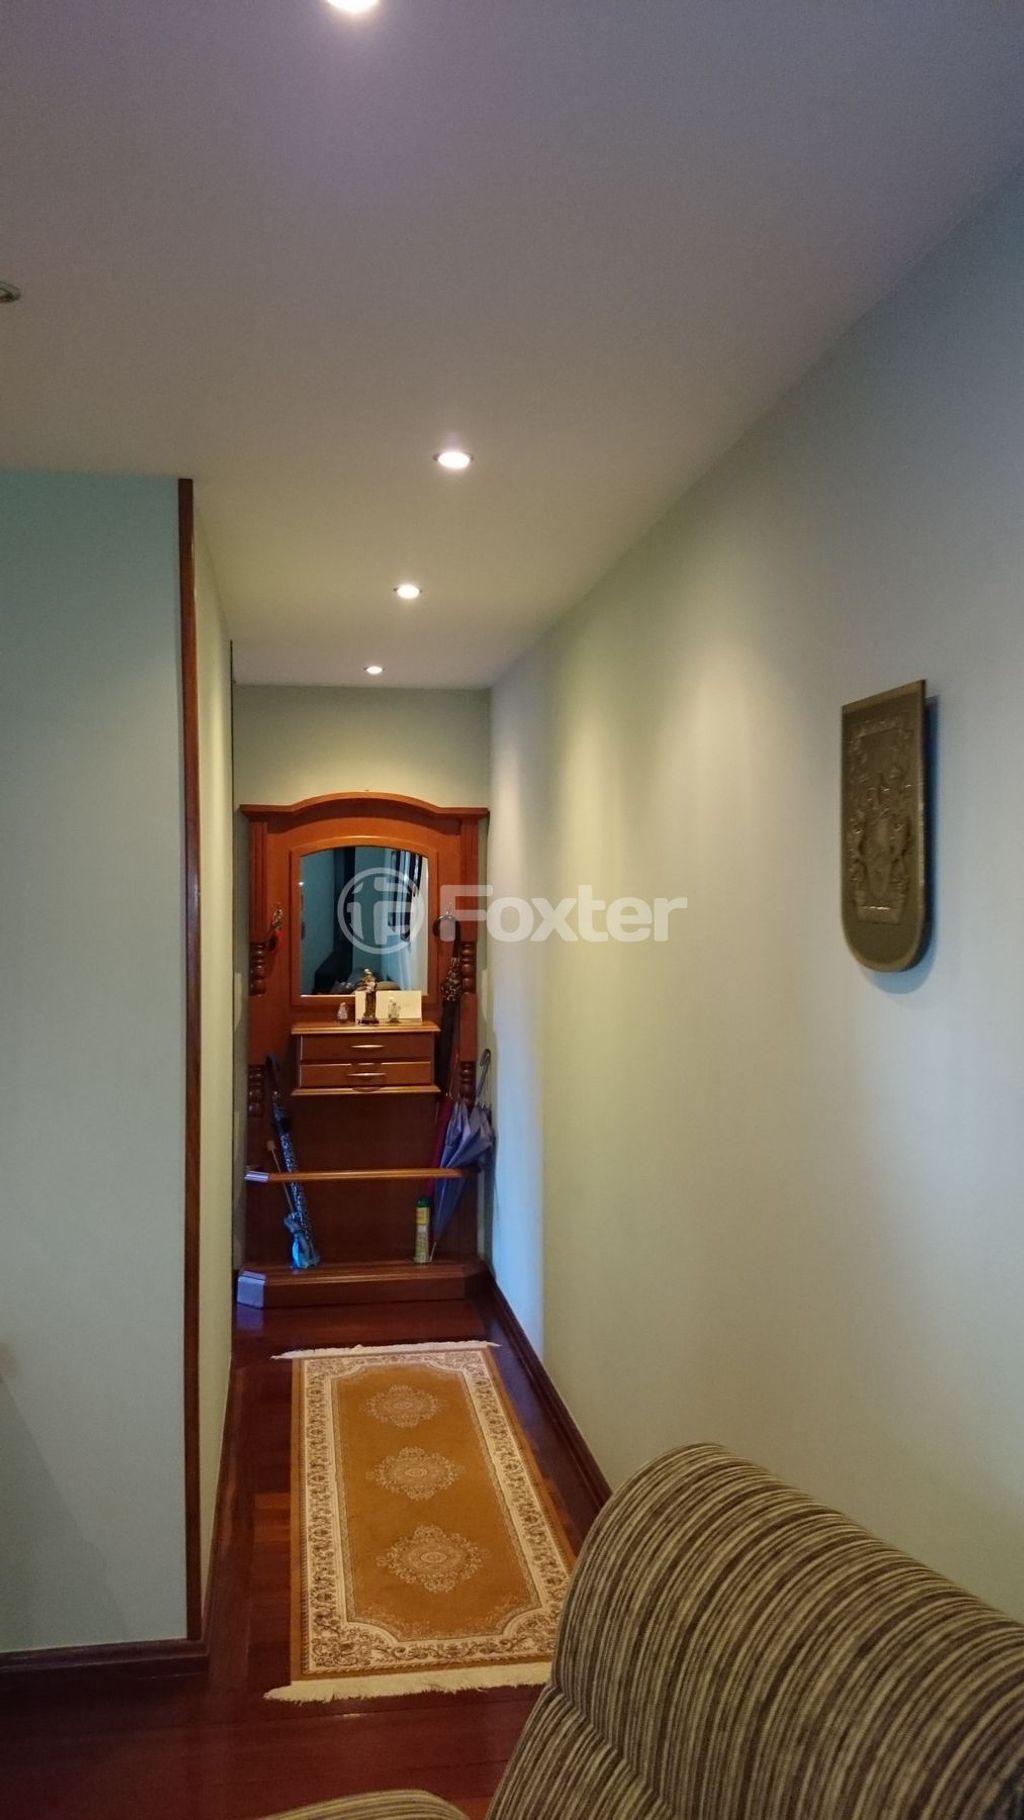 Foxter Imobiliária - Cobertura 3 Dorm (137279) - Foto 8